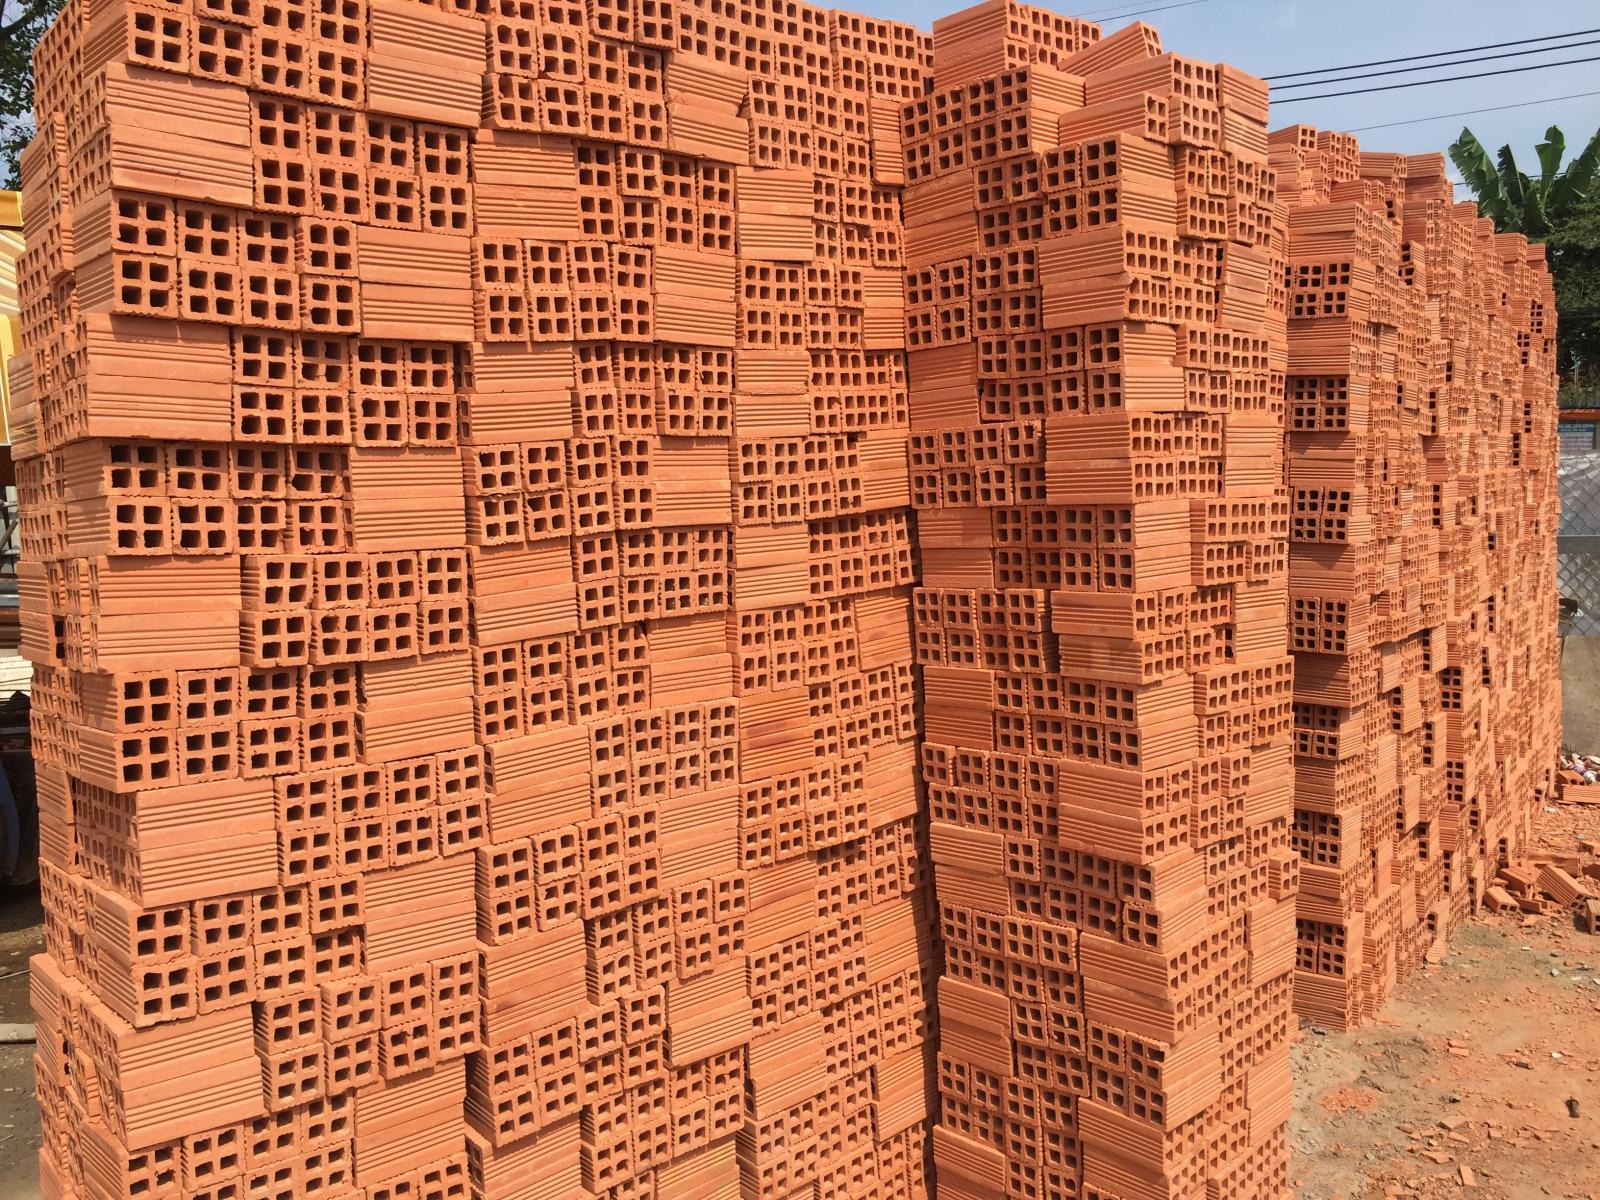 Các loại gạch thường dùng trong xây dựng: gạch đất nung